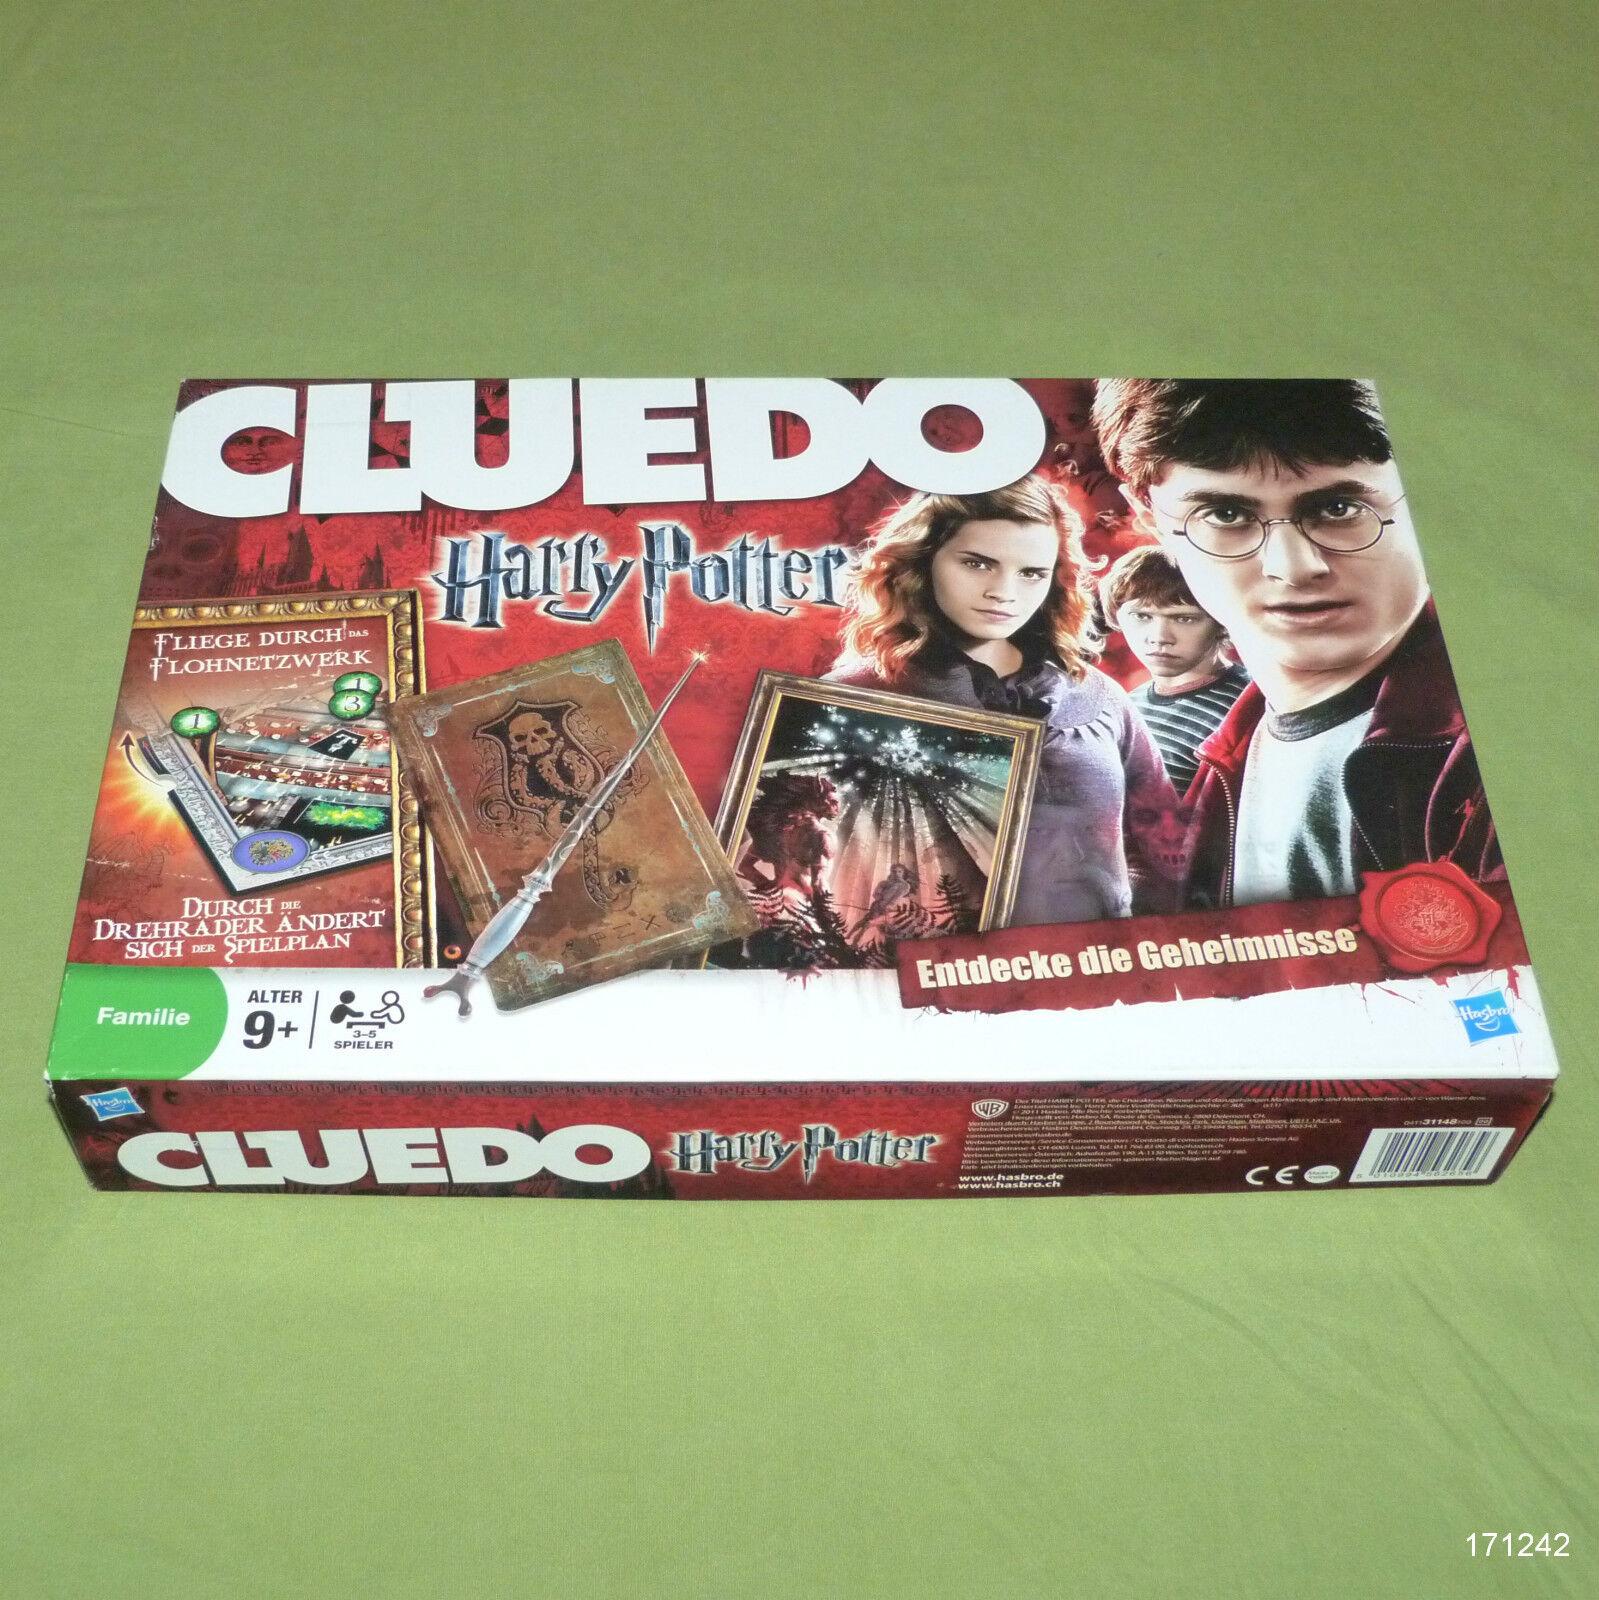 Cluedo harry potter ab 9 jahren rote sammler ausgabe von hasbro.2011 top rar.